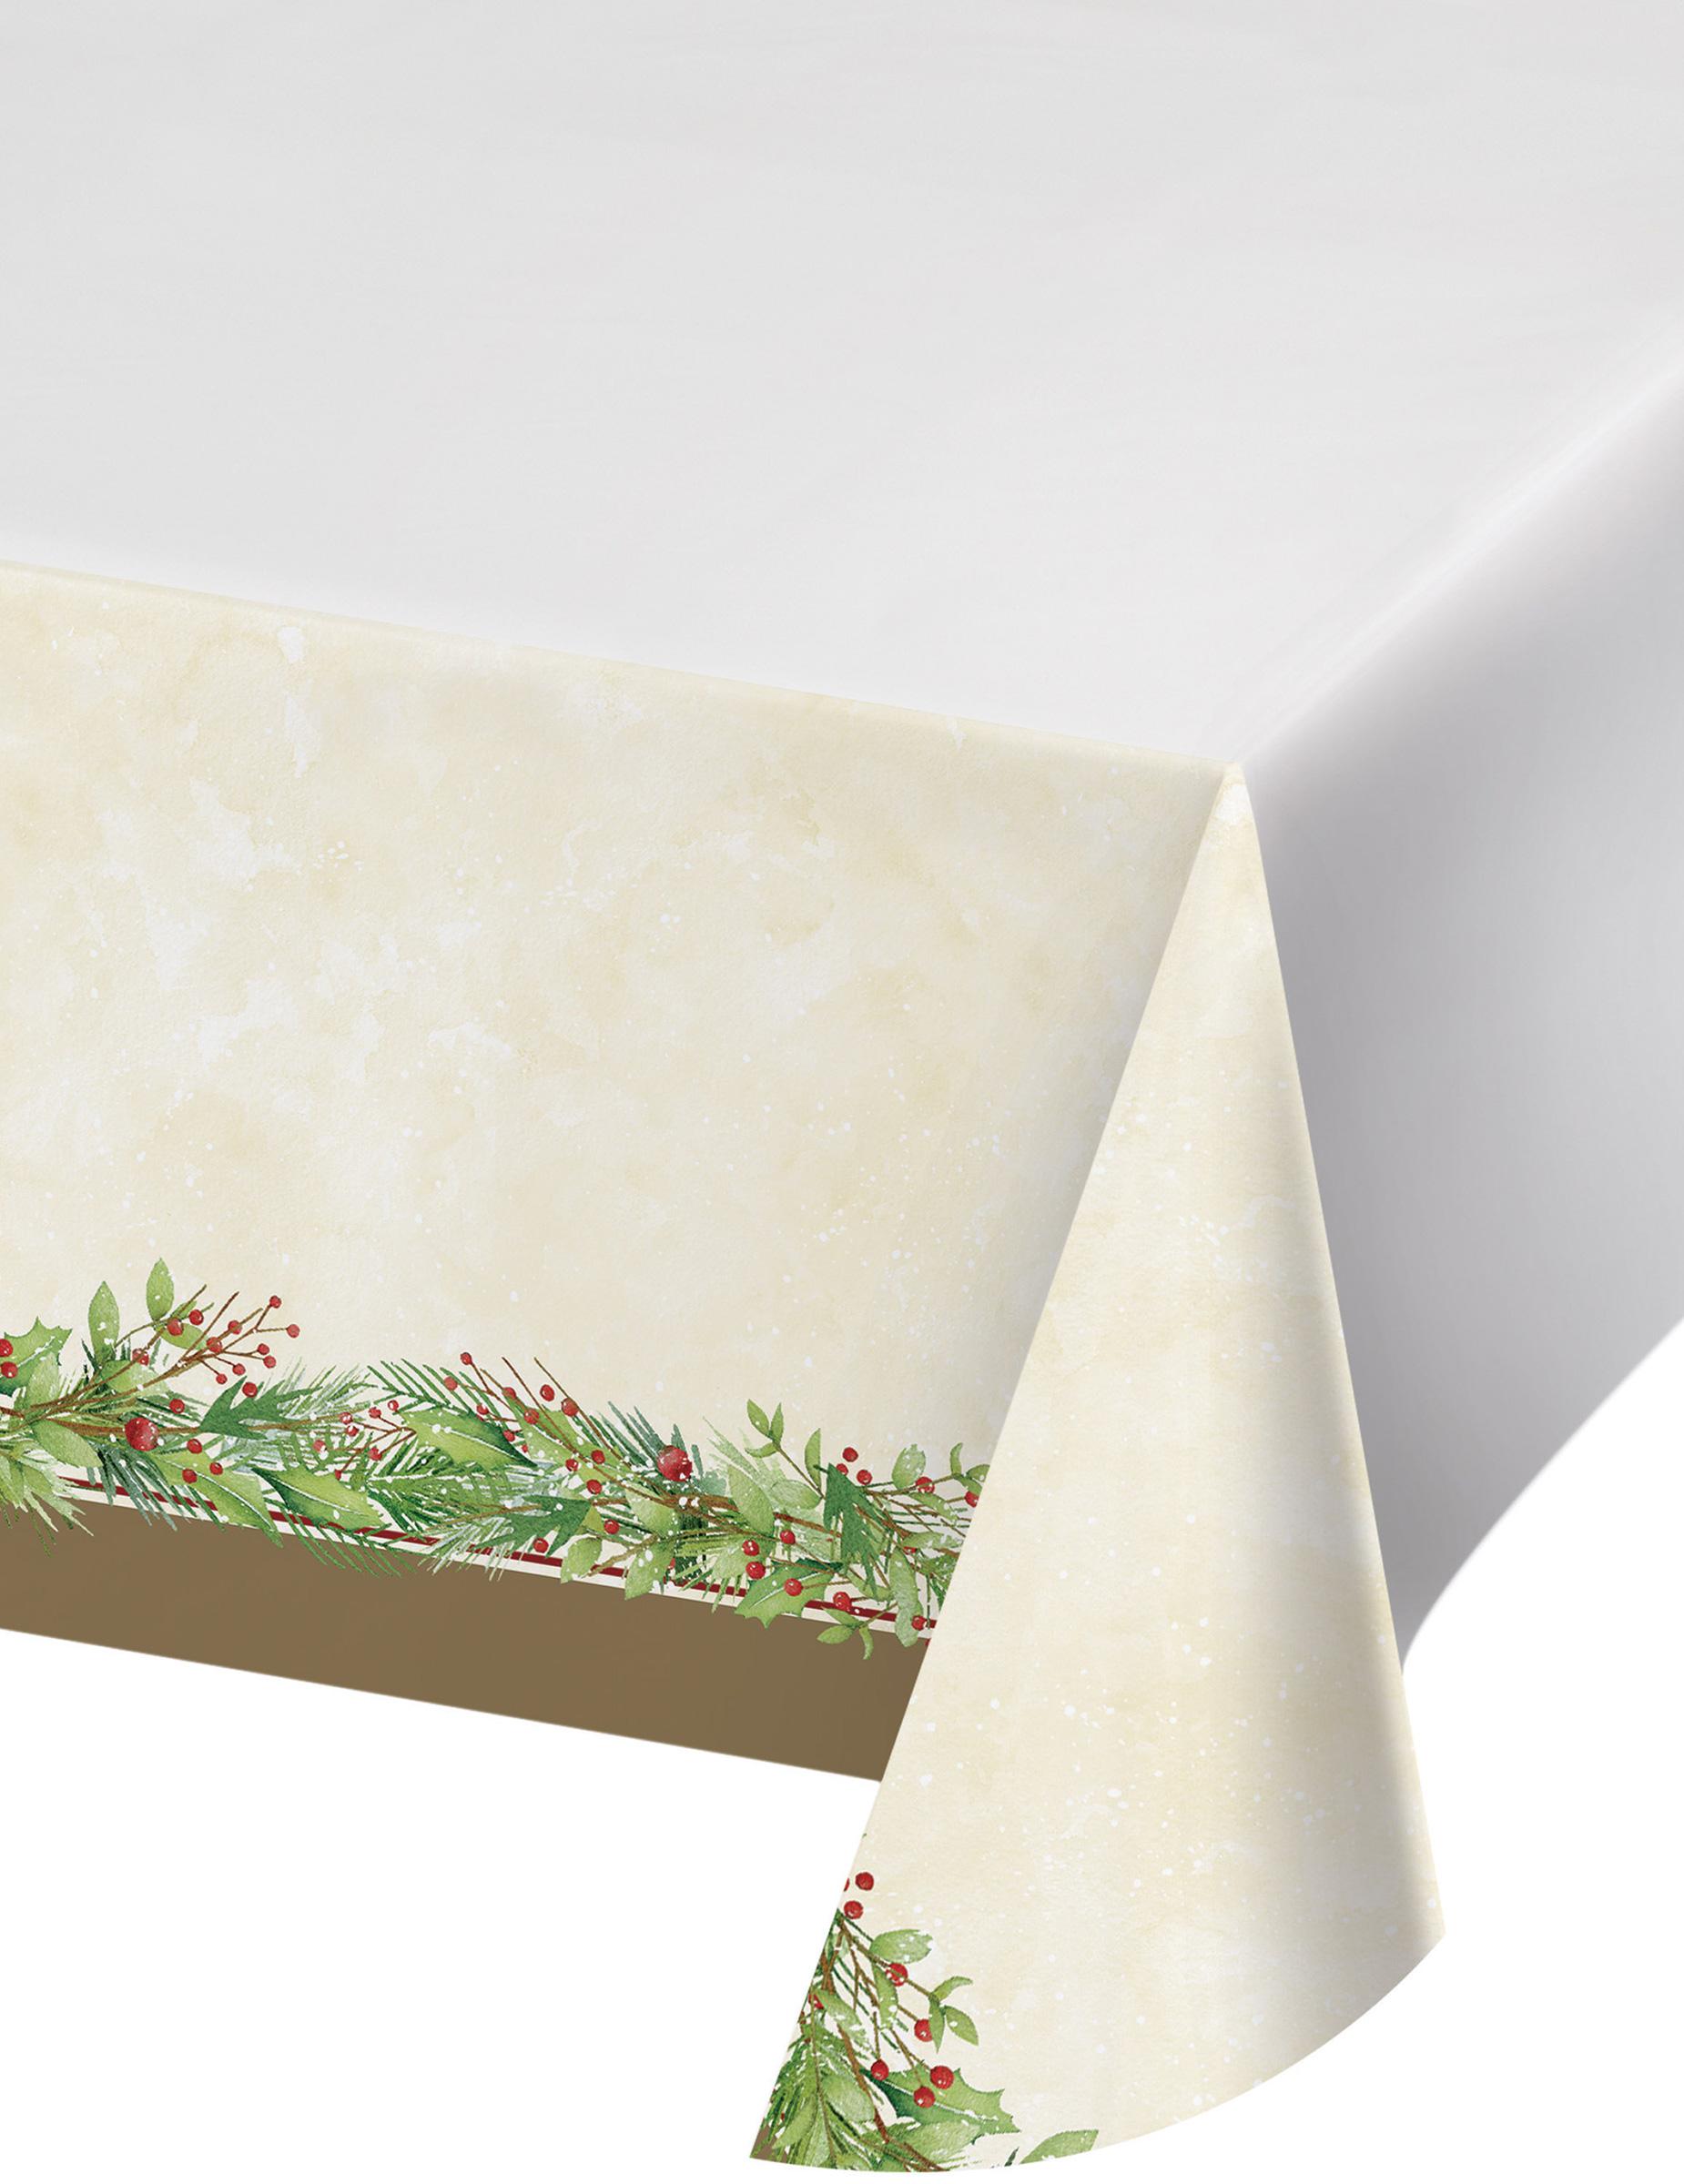 nappe en plastique couronne de no l verte 137 x 274 cm d coration anniversaire et f tes th me. Black Bedroom Furniture Sets. Home Design Ideas